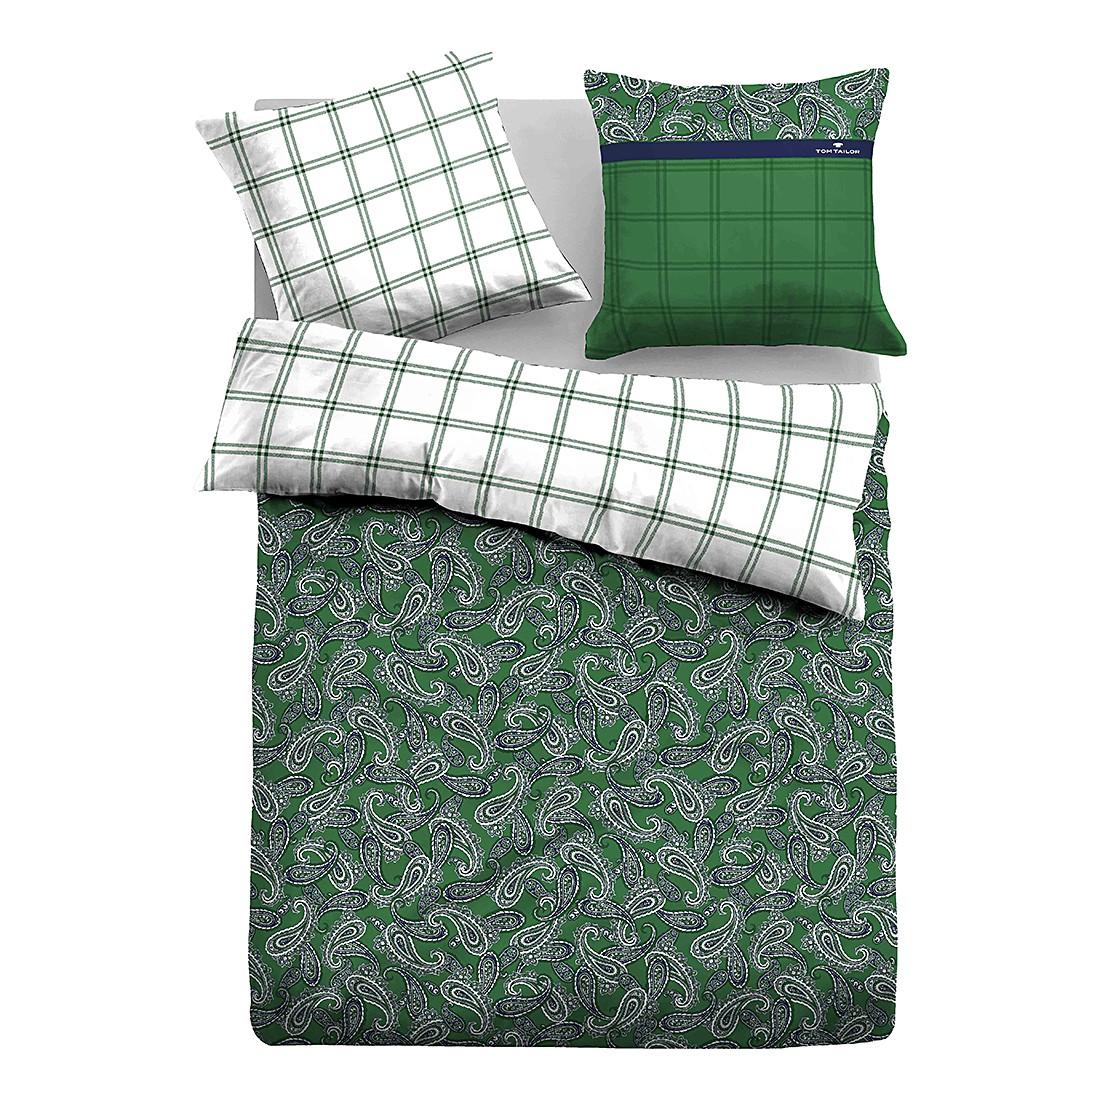 Satin Bettwäsche Paisley – Grün – 135 x 200 cm + Kissen 80 x 80 cm, Tom Tailor günstig bestellen